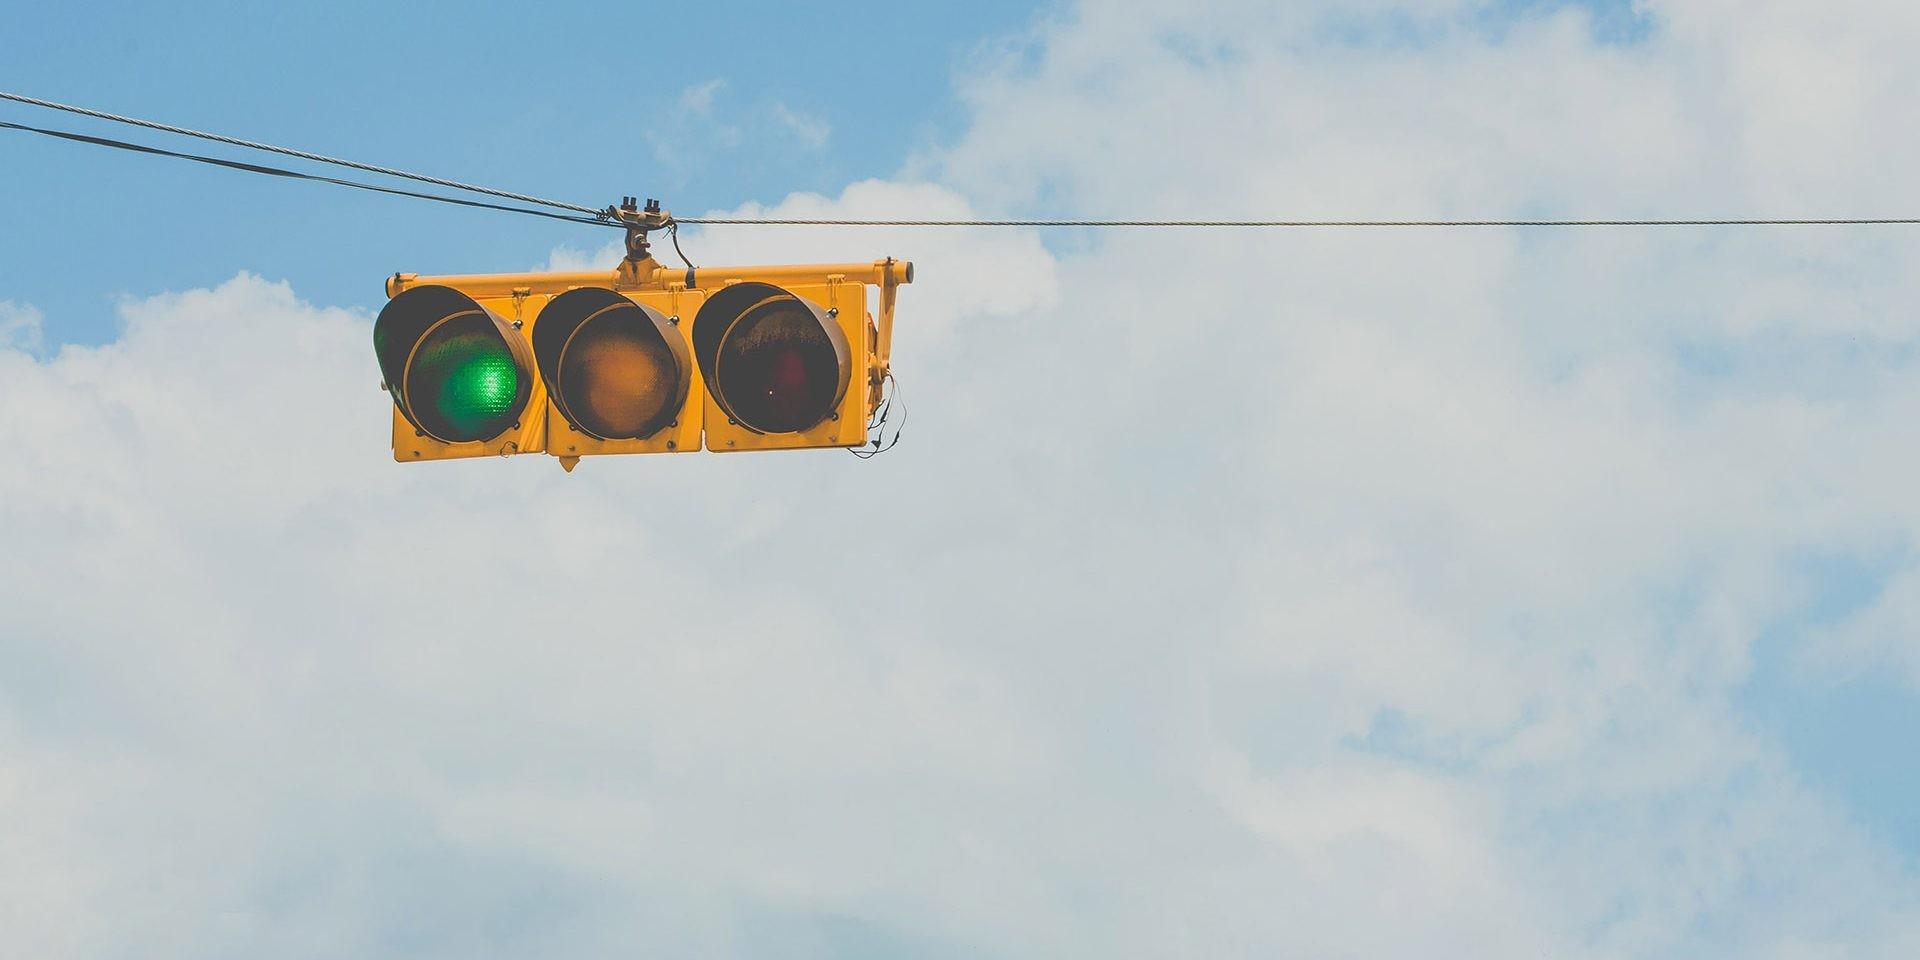 Bombay realizó una prueba piloto con semáforos antiruido.